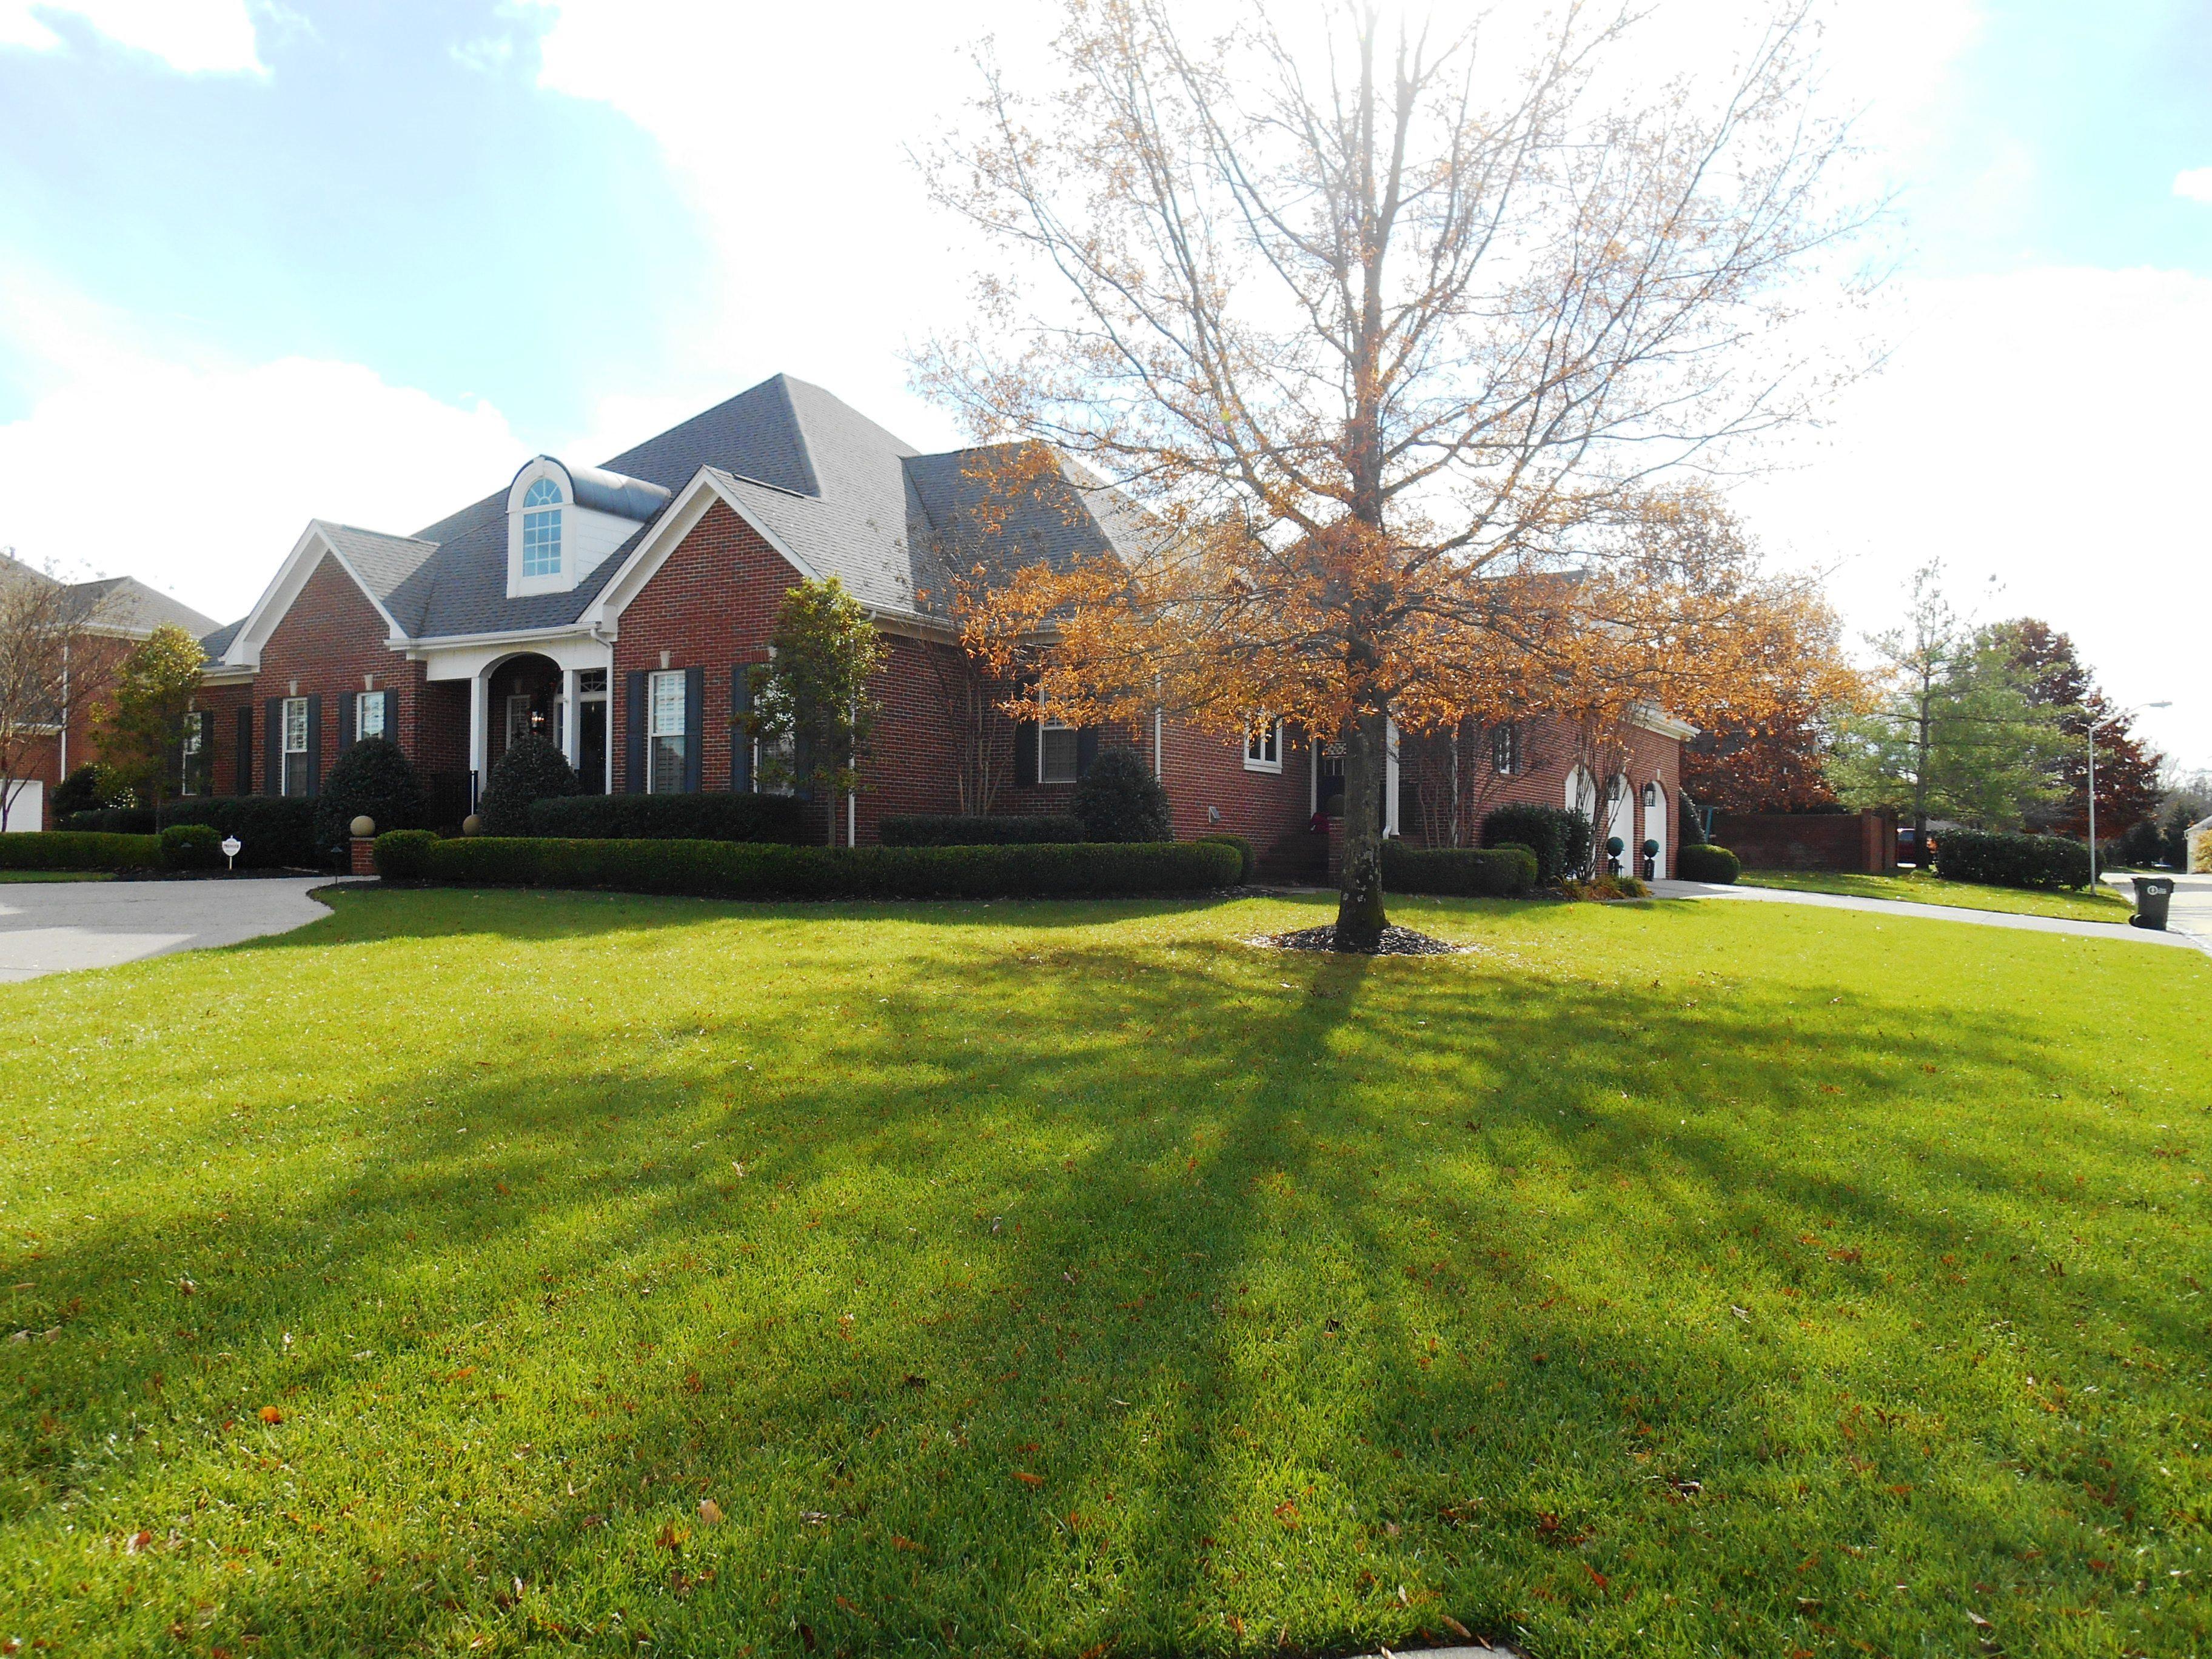 6464 Barberry Dr, Paducah, Kentucky 42001